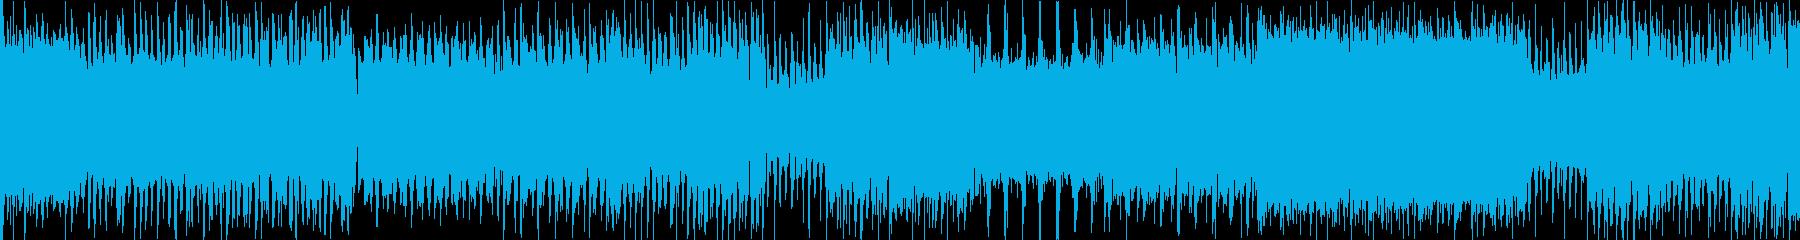 ループ用サン=サーンス「死の舞踏」ロックの再生済みの波形